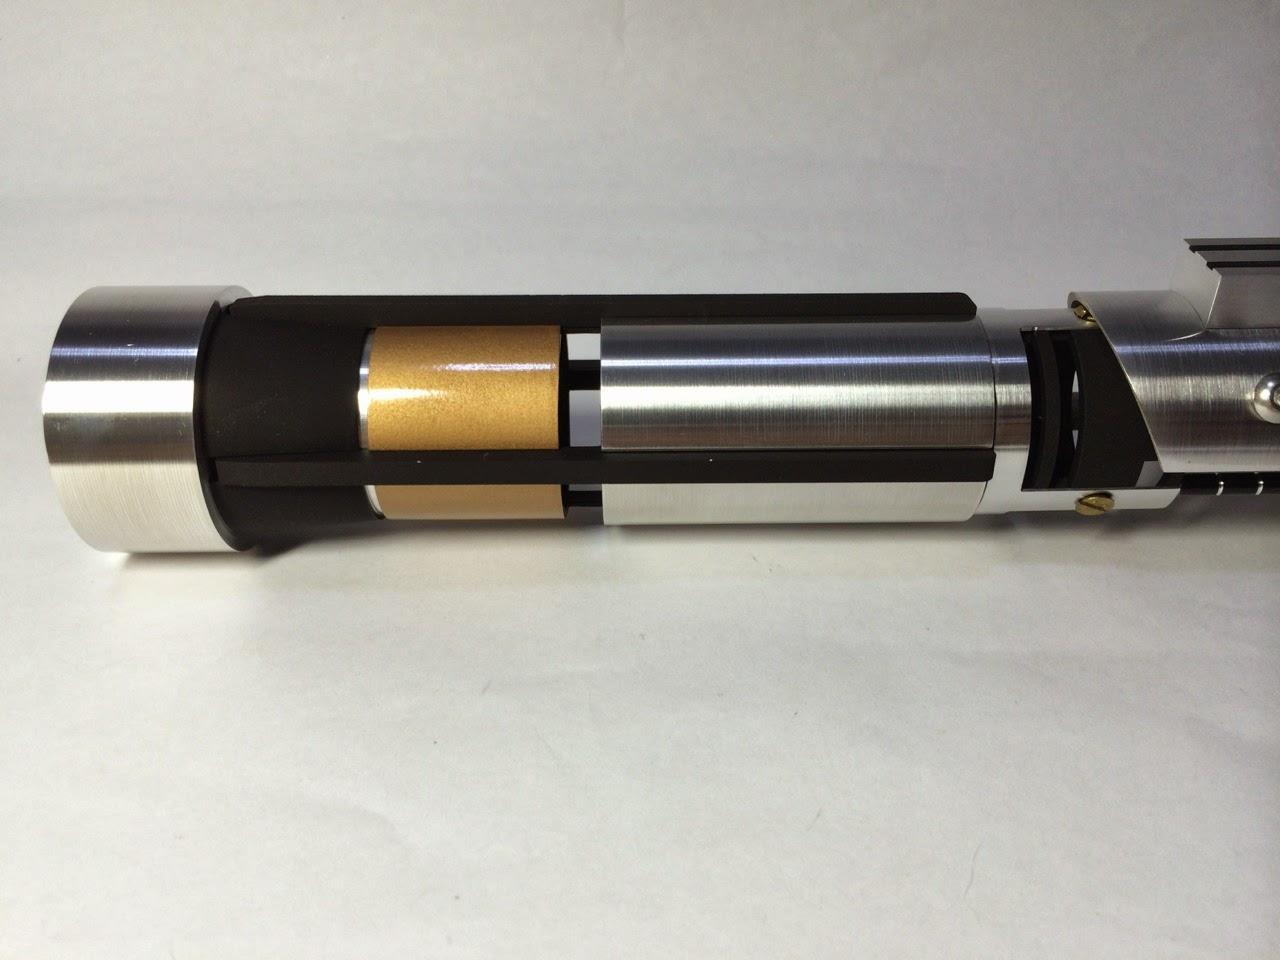 Tonfa lightsaber prototype - YouTube |Prototype Lightsaber